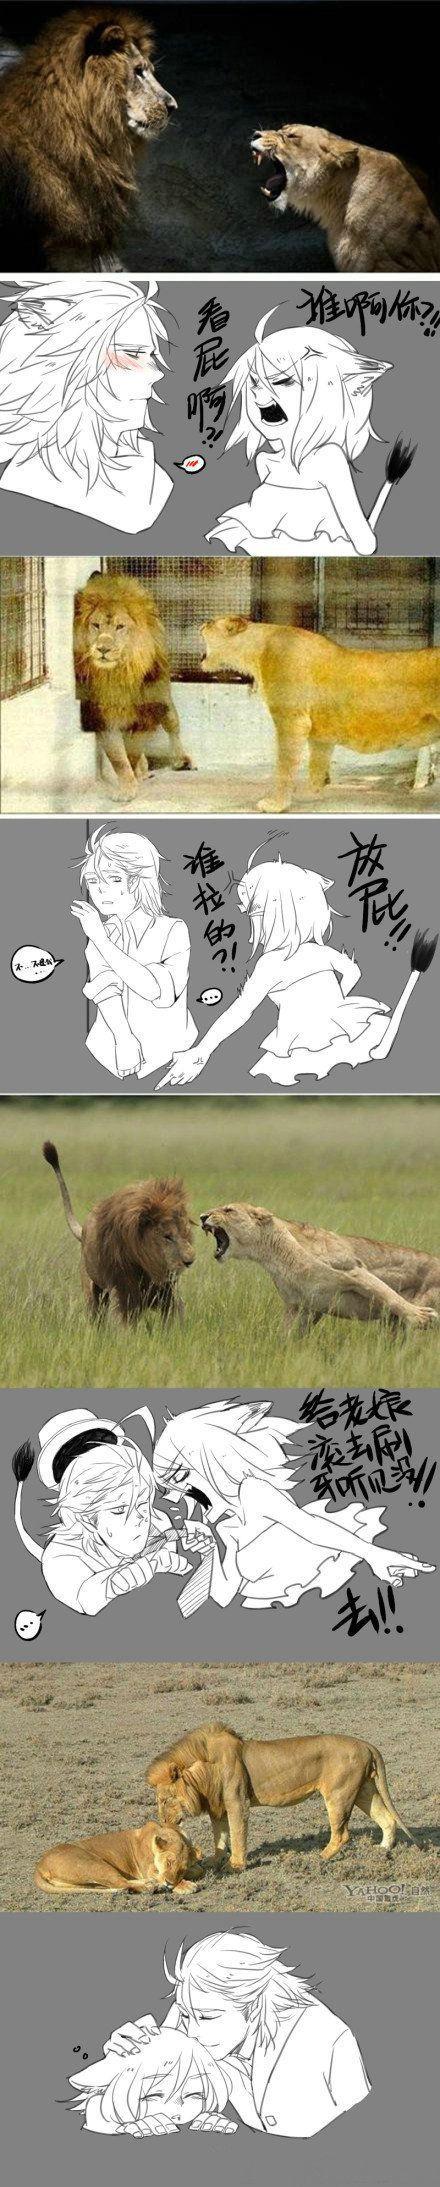 【男人本该如此】狮子拟人,暴娇狮子娘和隐忍狮子王。( 波液就是BOYER)